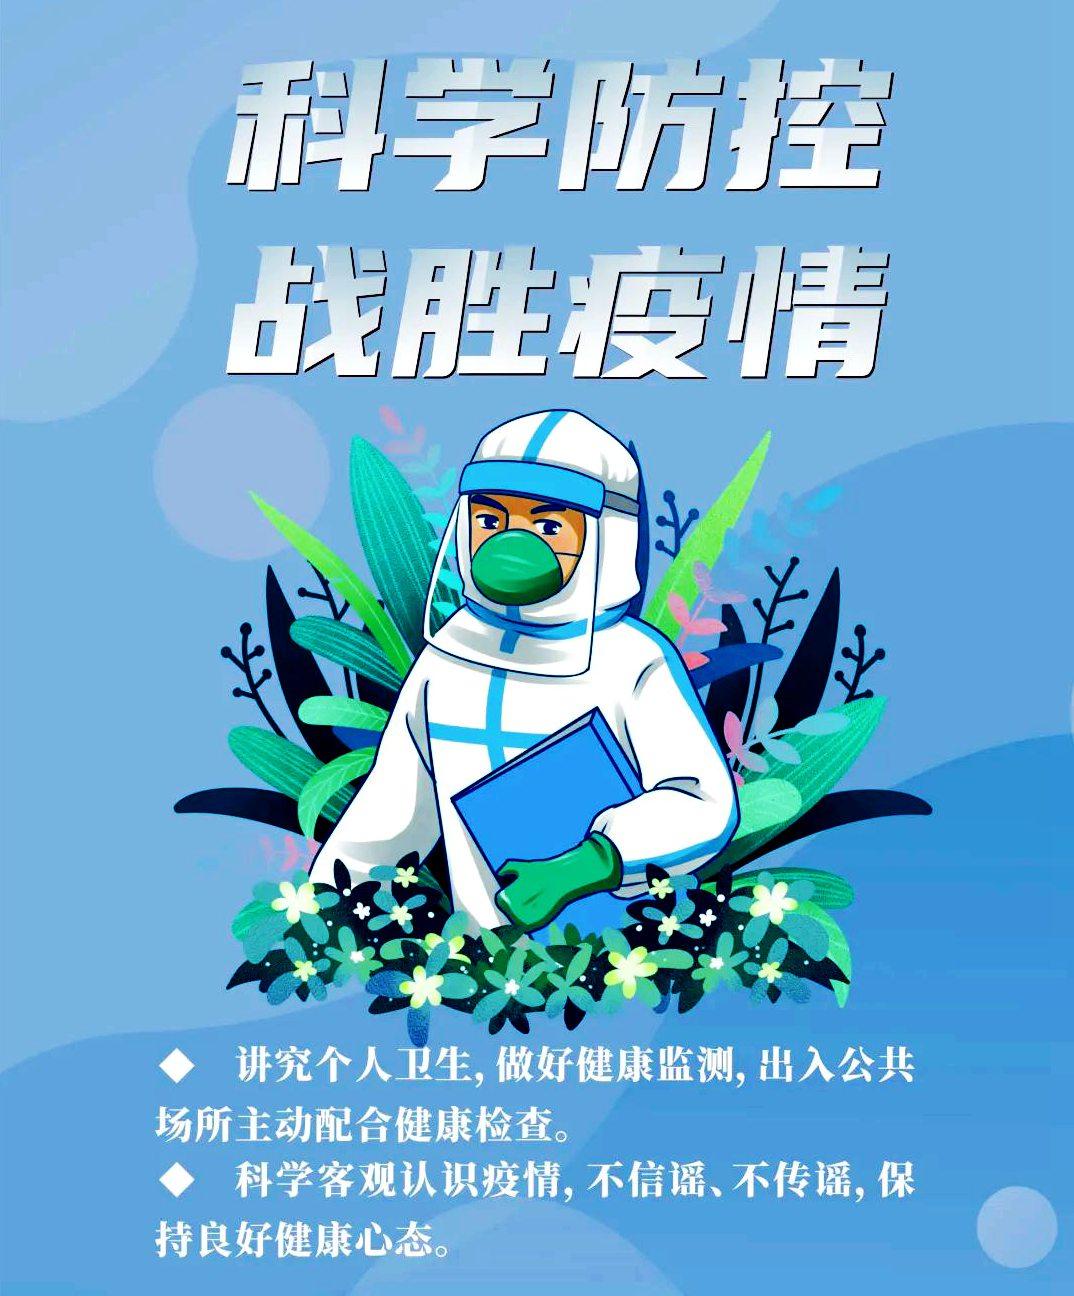 涿鹿县关于外地来涿返涿人员进行核酸检测的通告